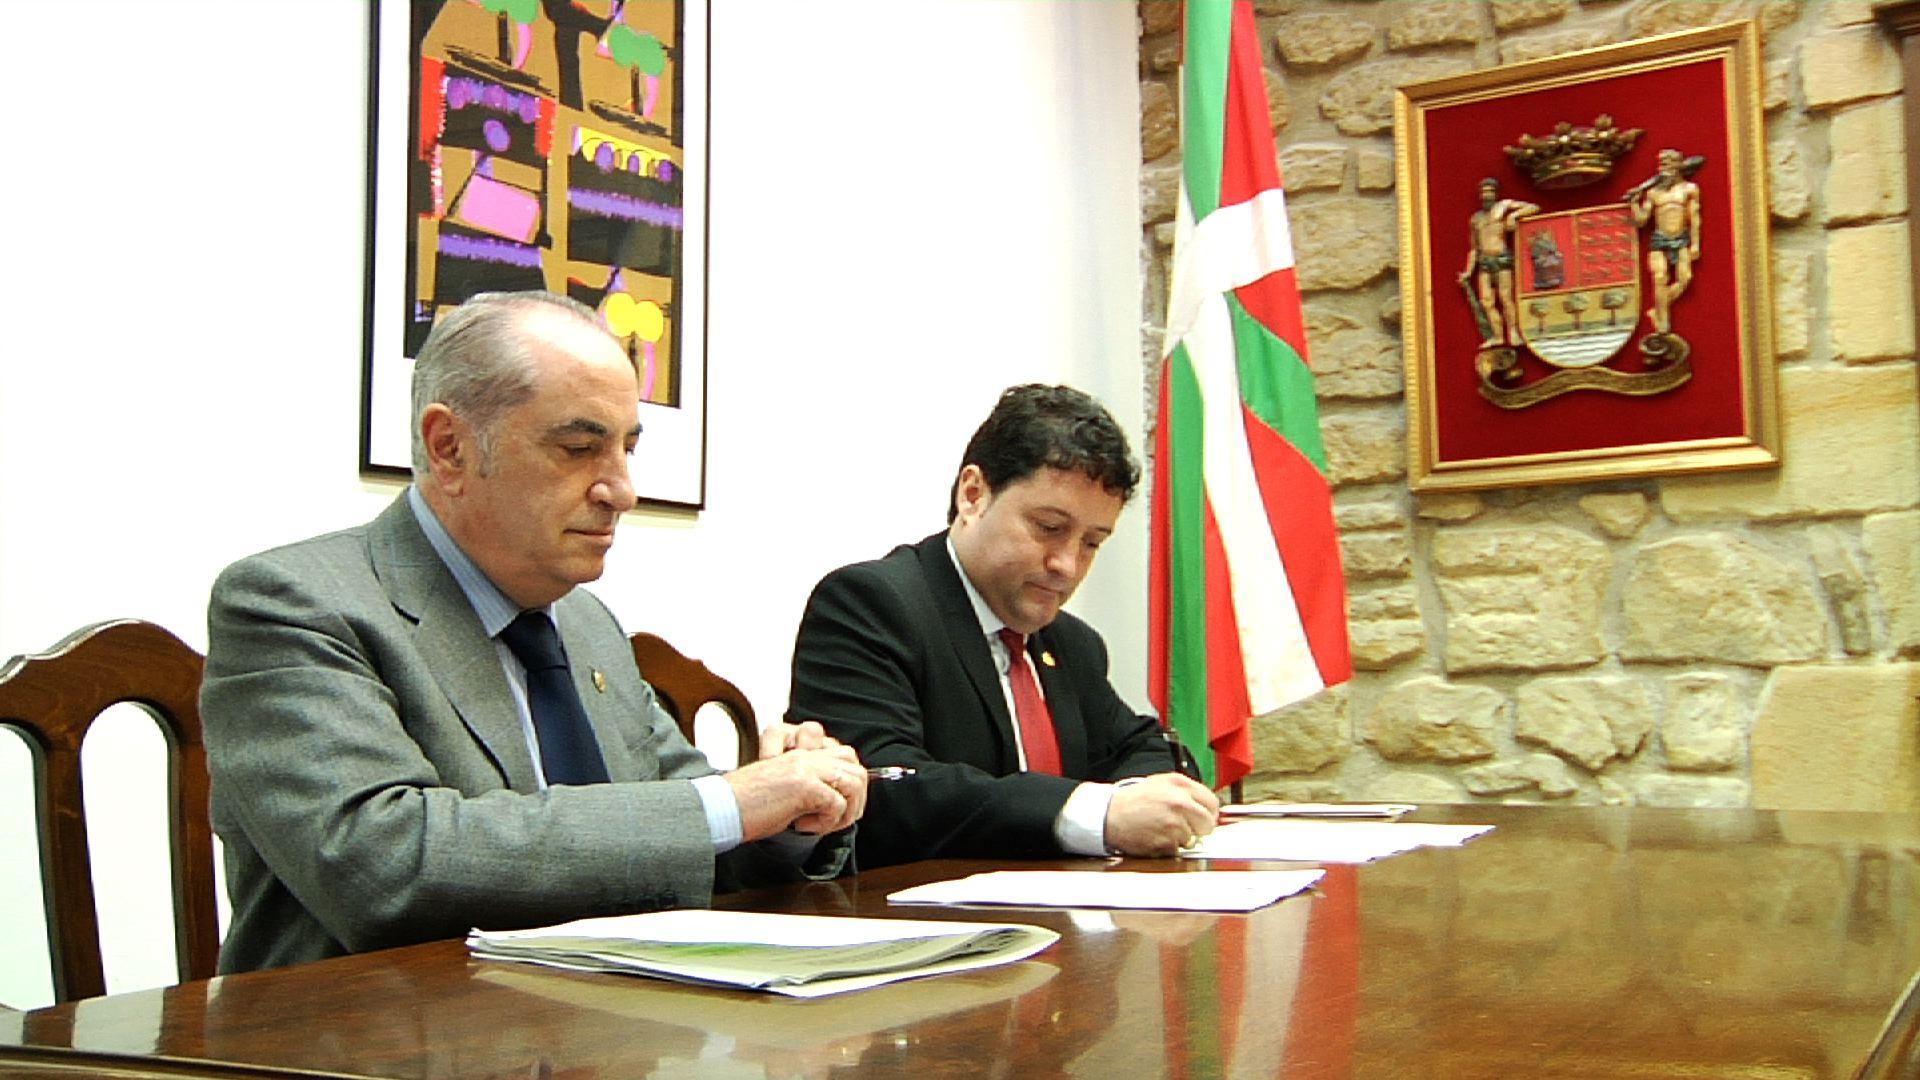 El Departamento de Vivienda y el Ayuntamiento de Zarautz acuerdan la construcción de 60 viviendas de alquiler preferentemente para jóvenes